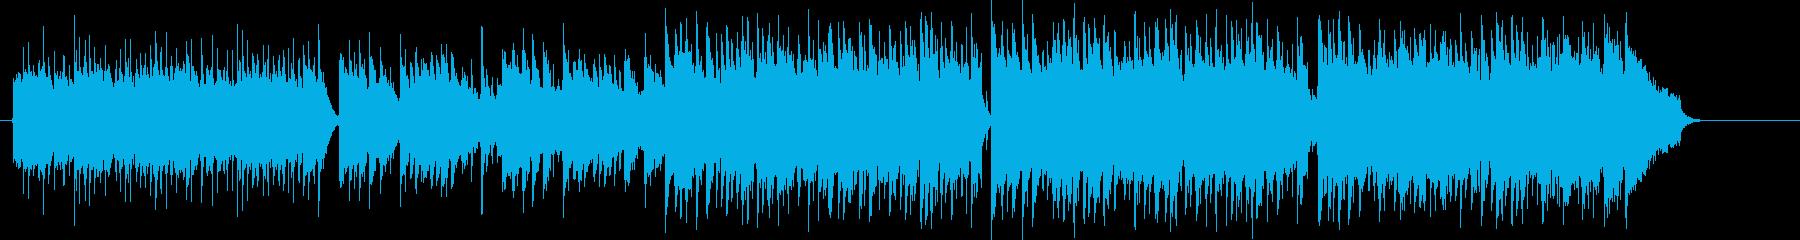 歌謡センスのピアノポップ、センチメンタルの再生済みの波形